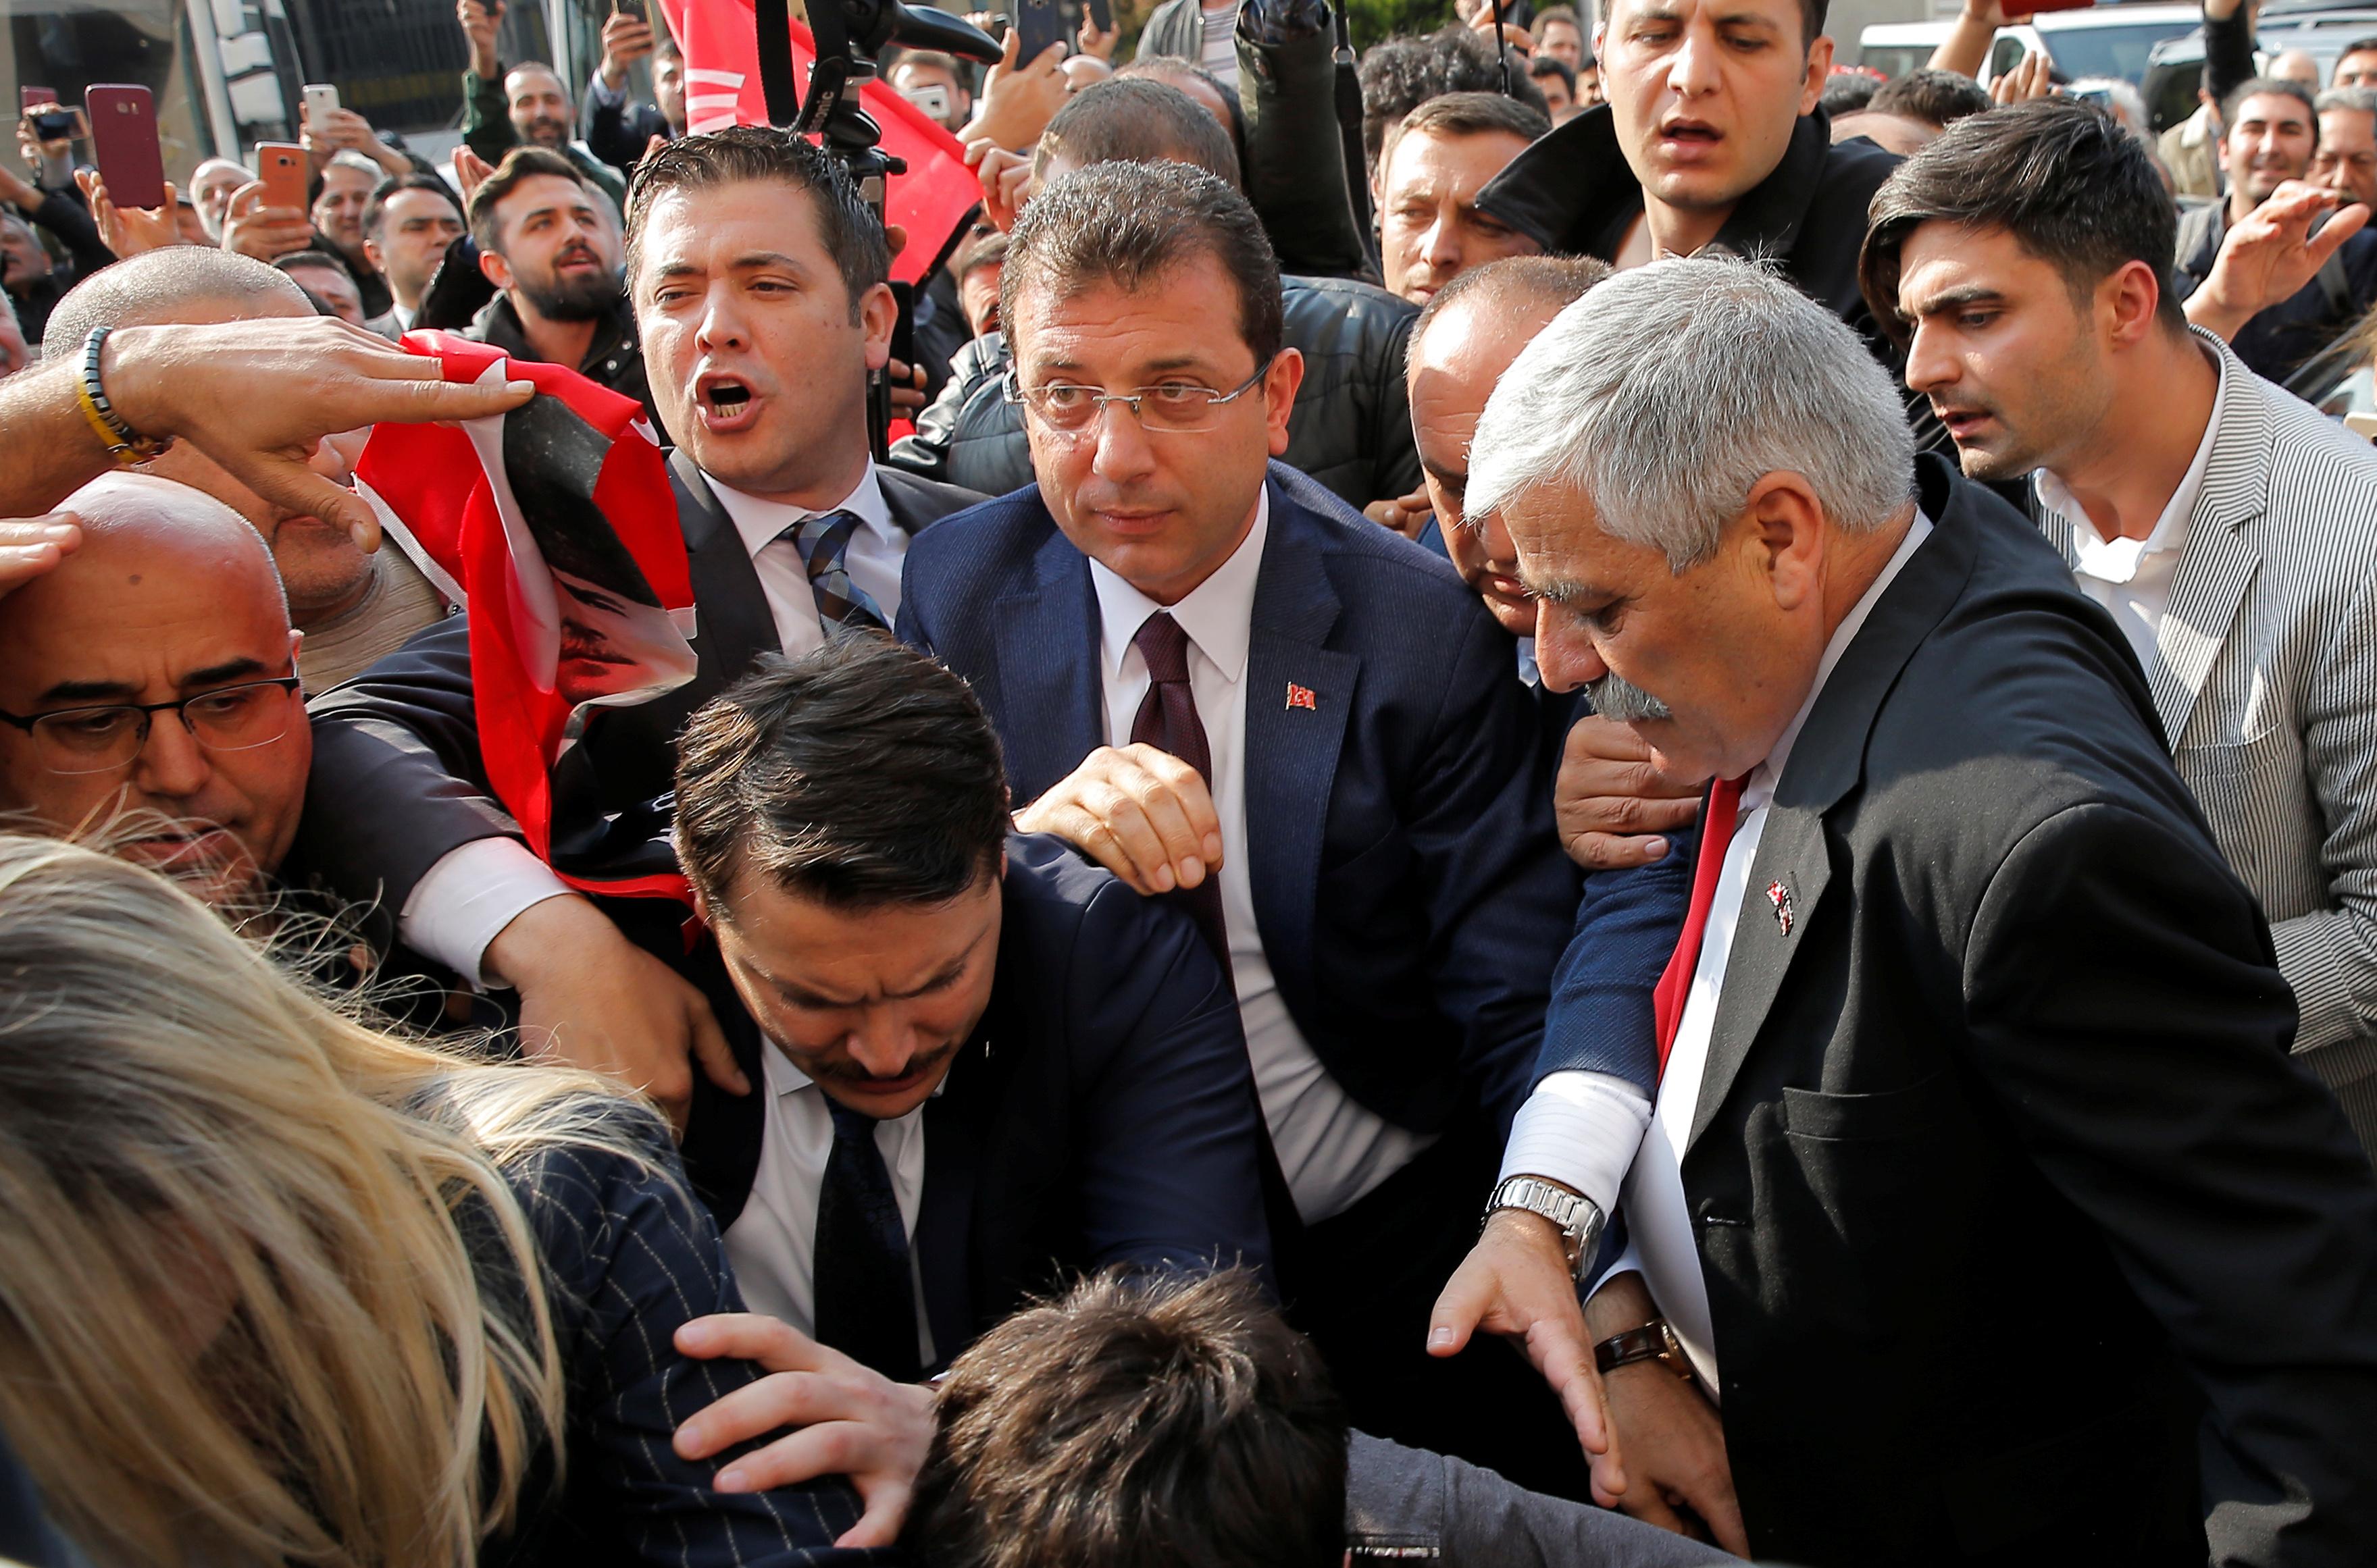 احتفالات اسطنبول بفوز مرشح المعارضة على حساب الحزب الحاكم (20)